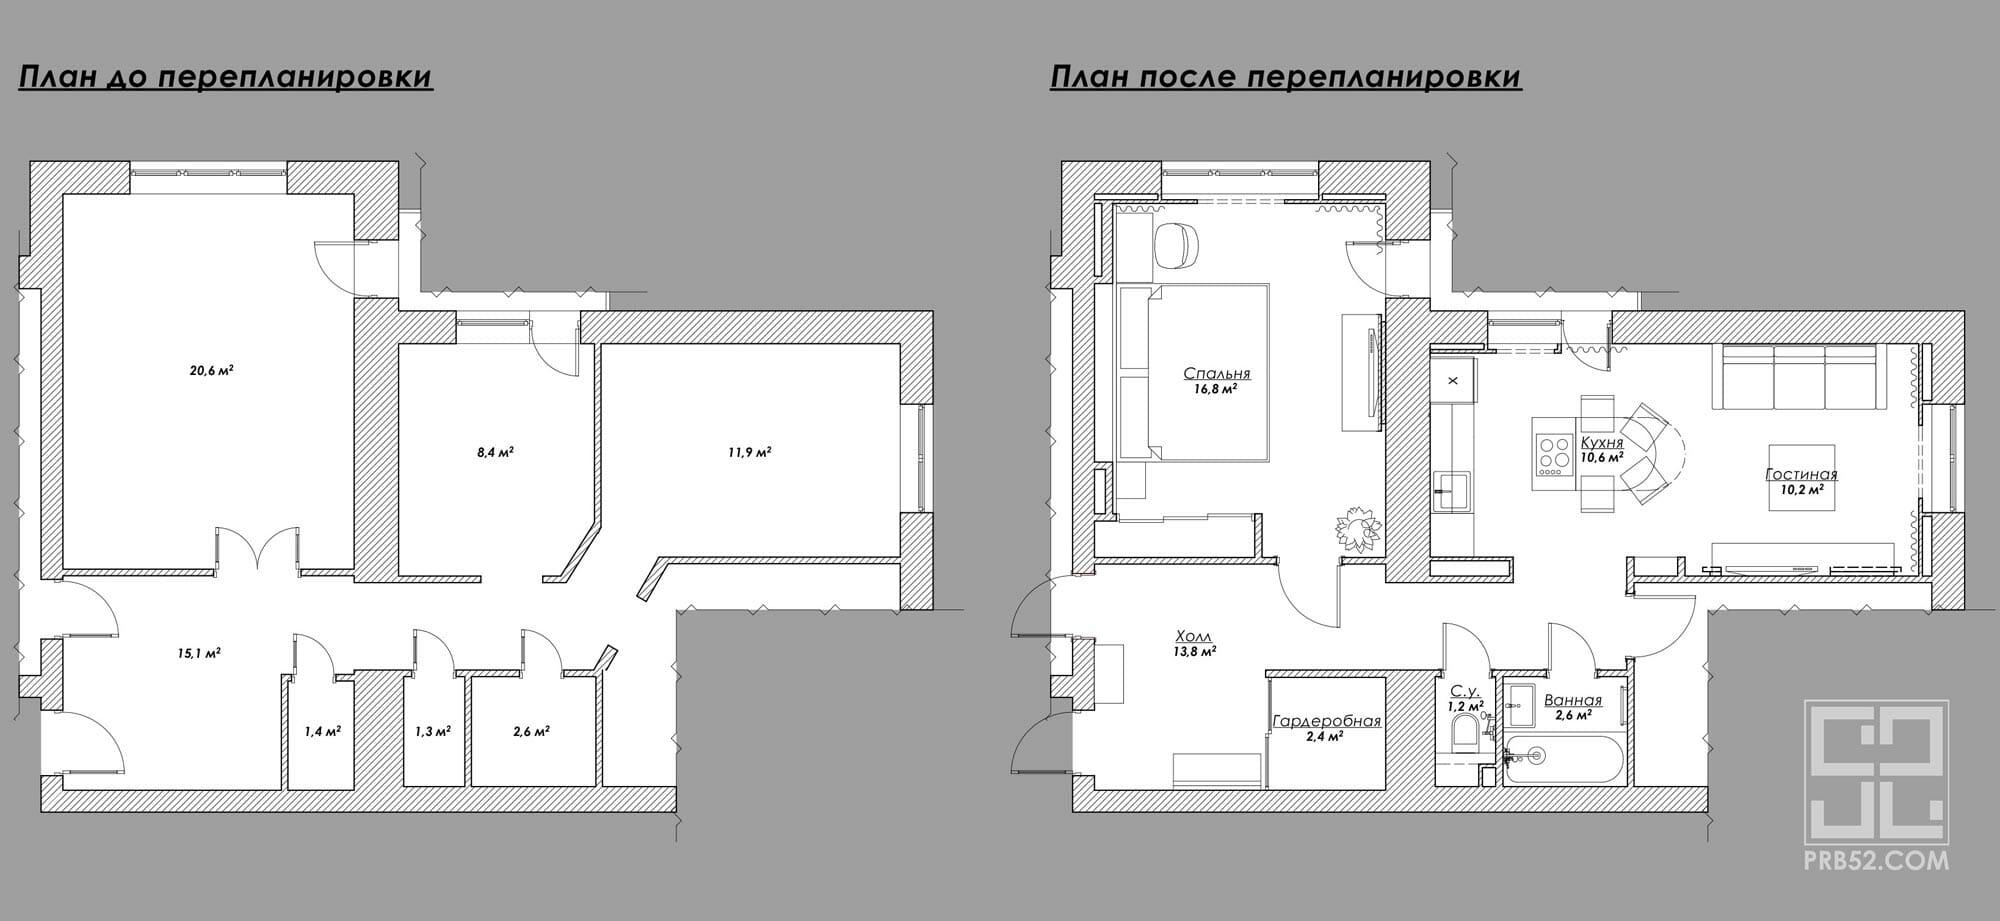 дизайн интерьера перепланировка и расстановка мебели